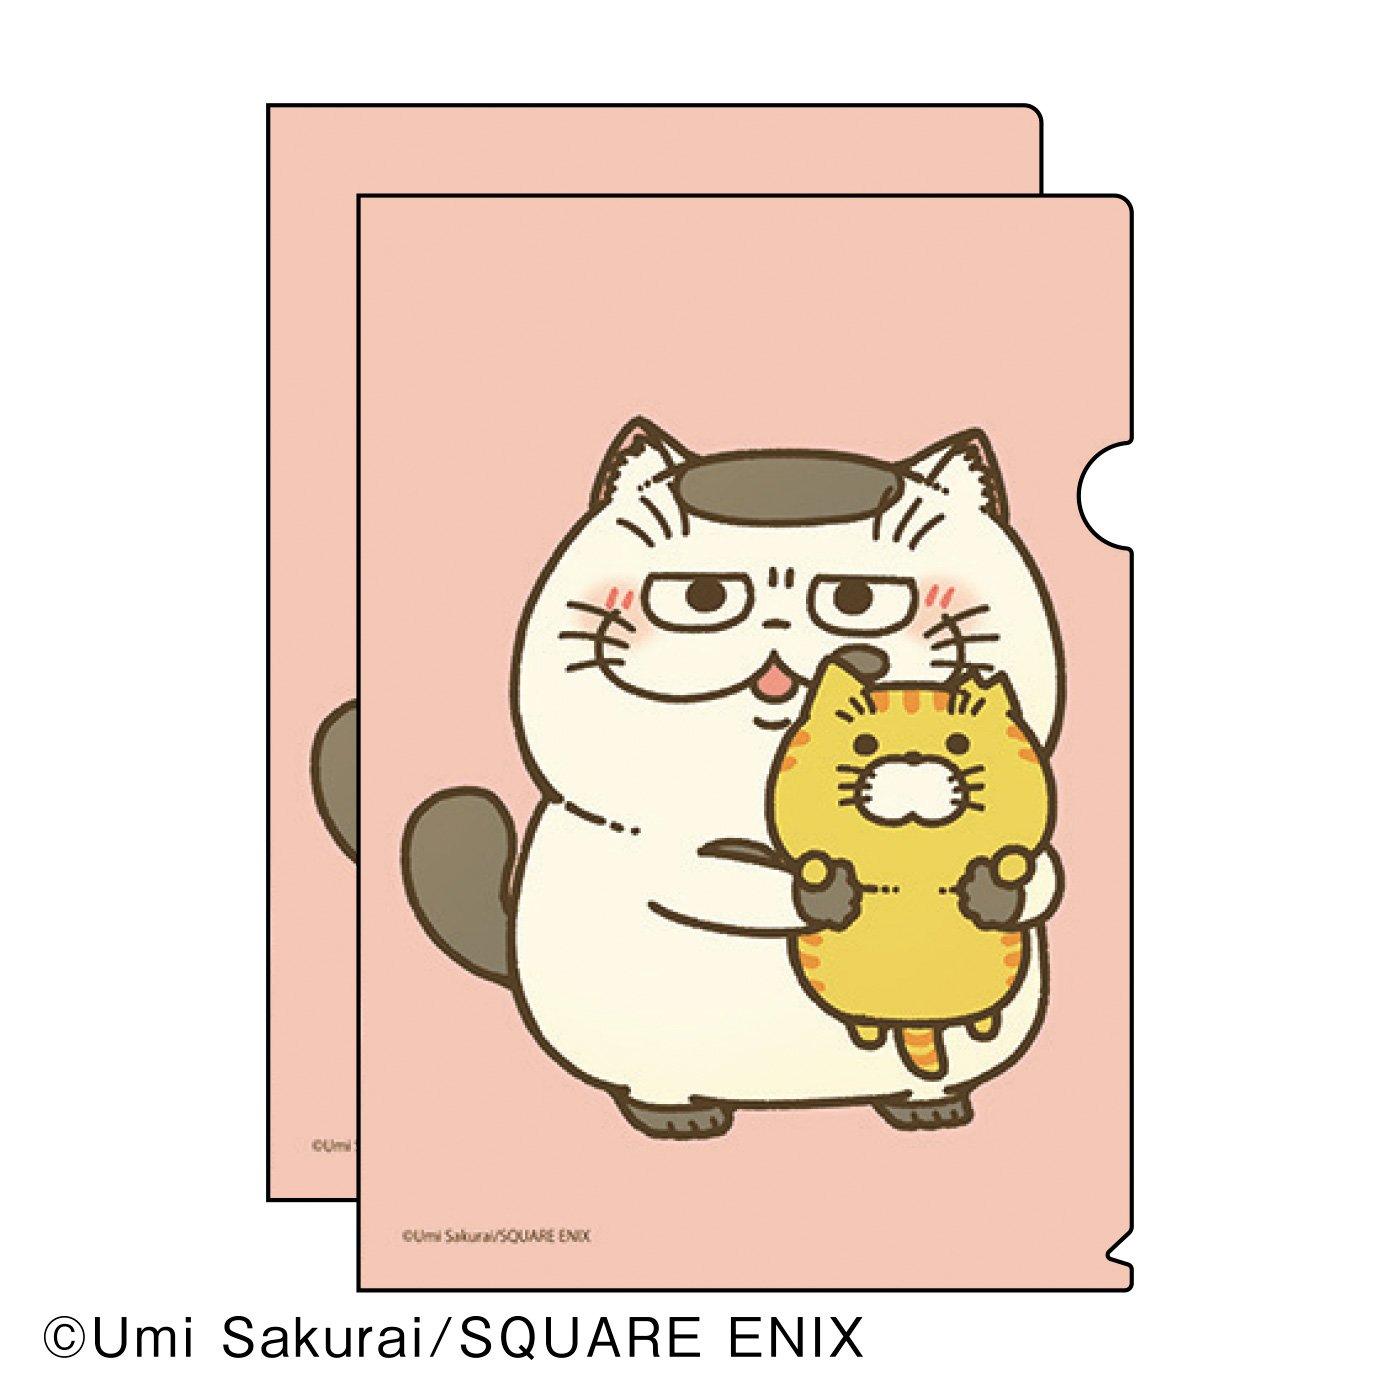 桜井海×猫部 地域猫チャリティークリアファイル2021